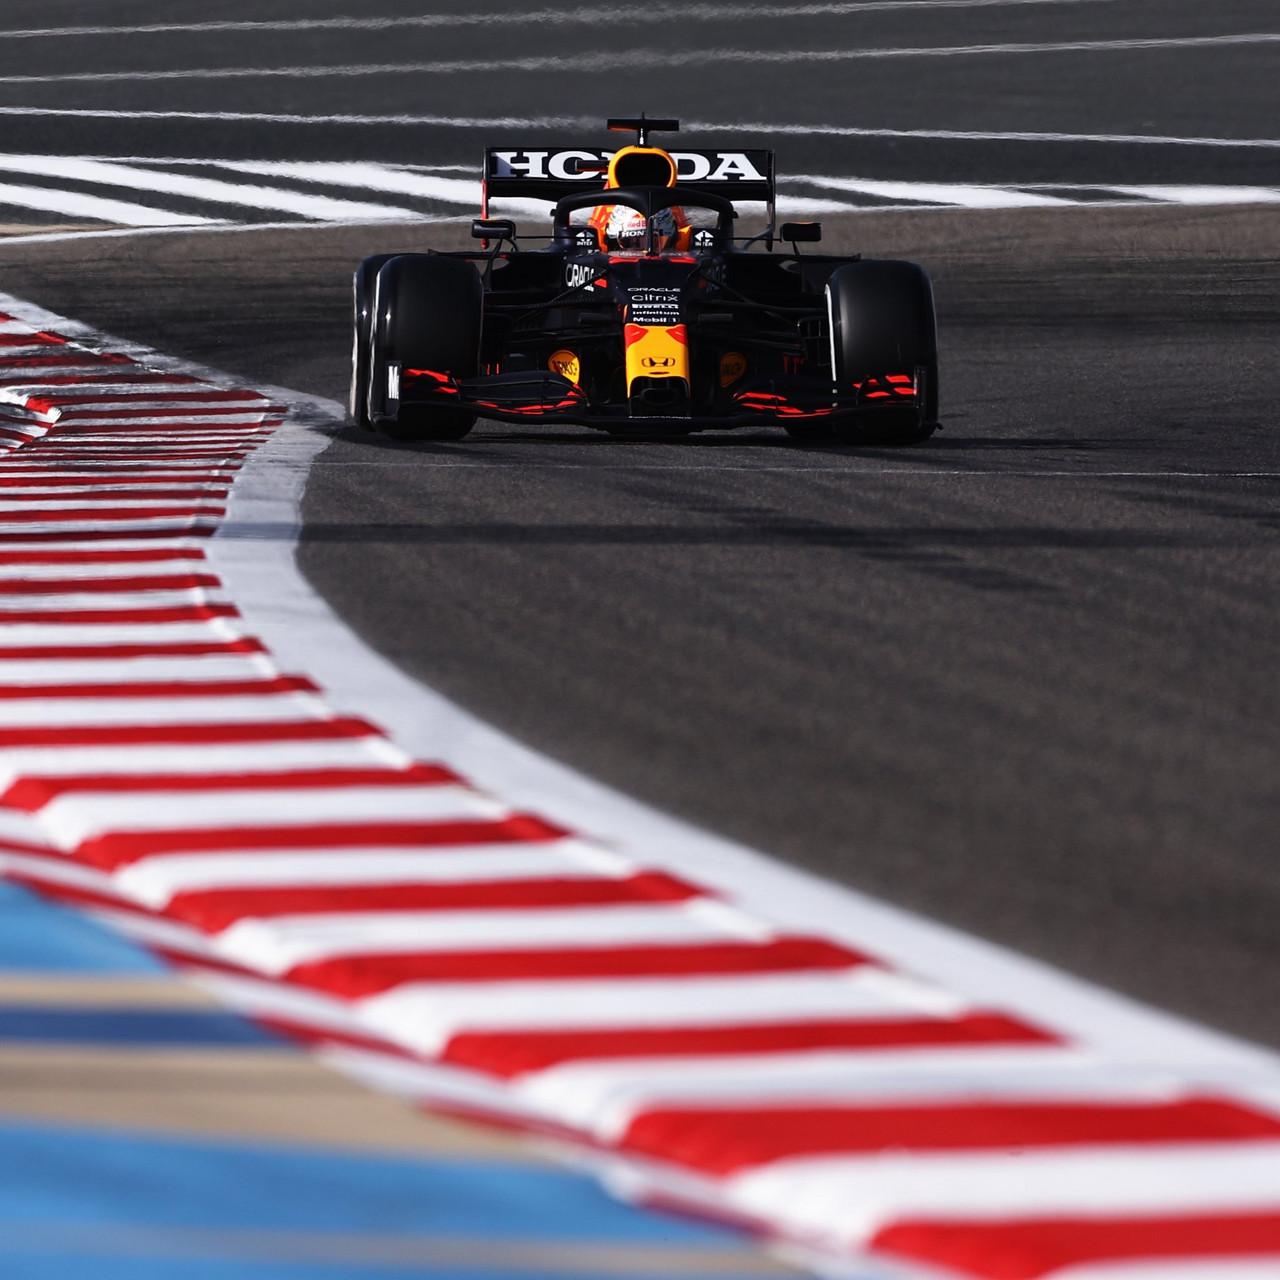 F1, Gran Premio del Bahrein, libere 3: Verstappen prenota la pole